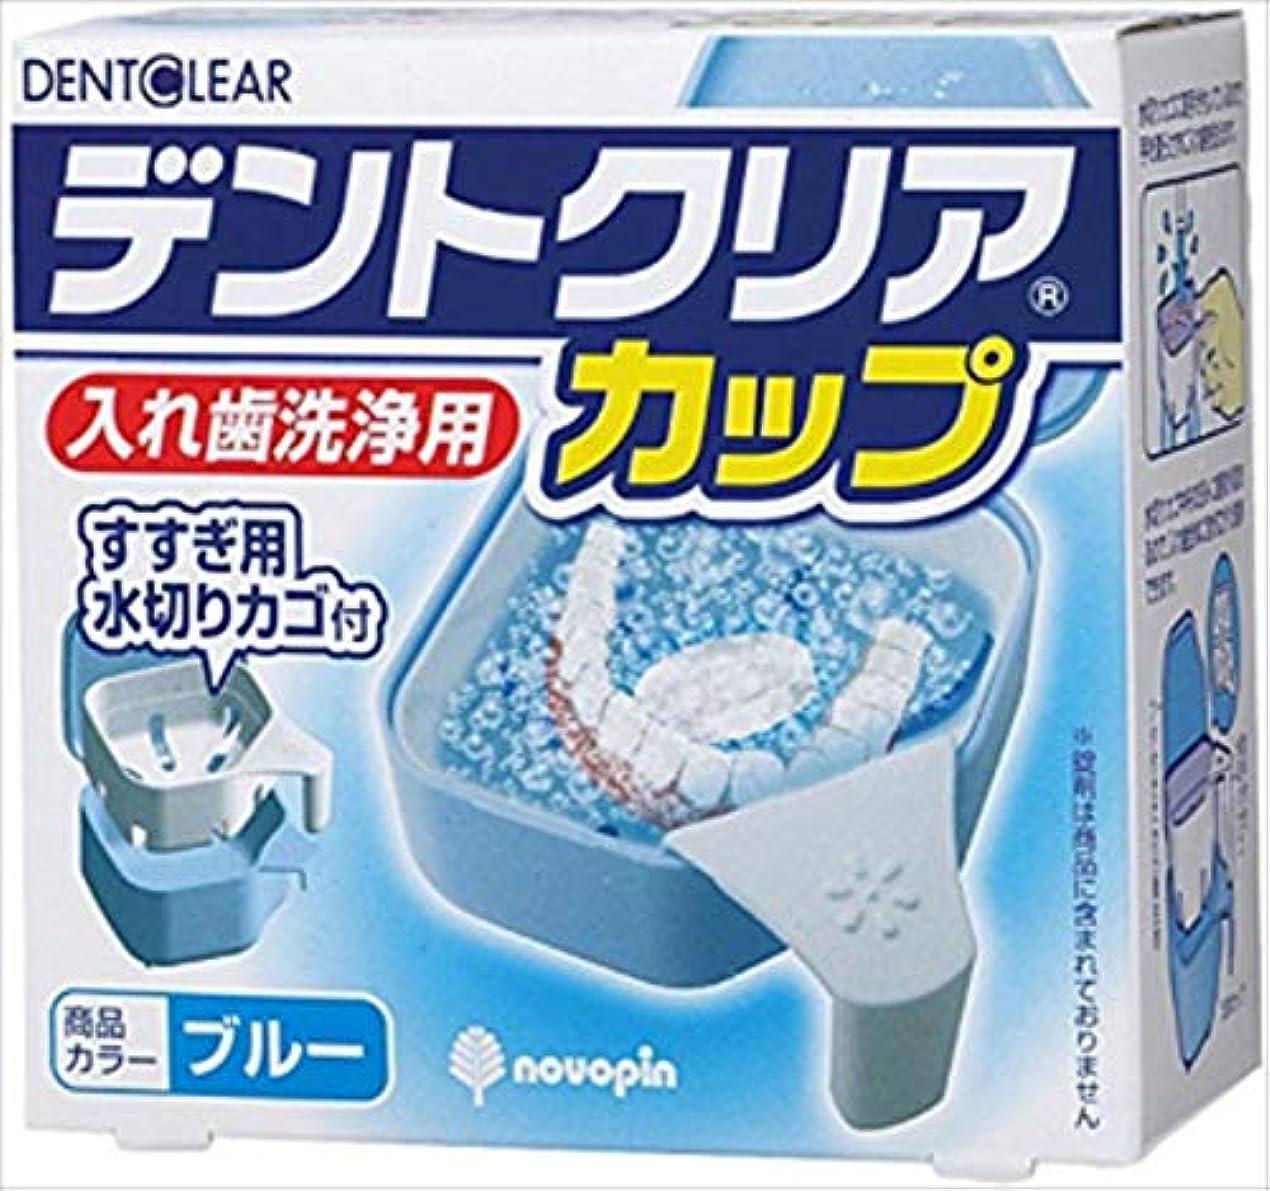 ピッチャーオーバーコート熟した紀陽除虫菊 入れ歯ケース 日本製 デントクリア カップ (ブルー/水切りカゴ付) コンパクト